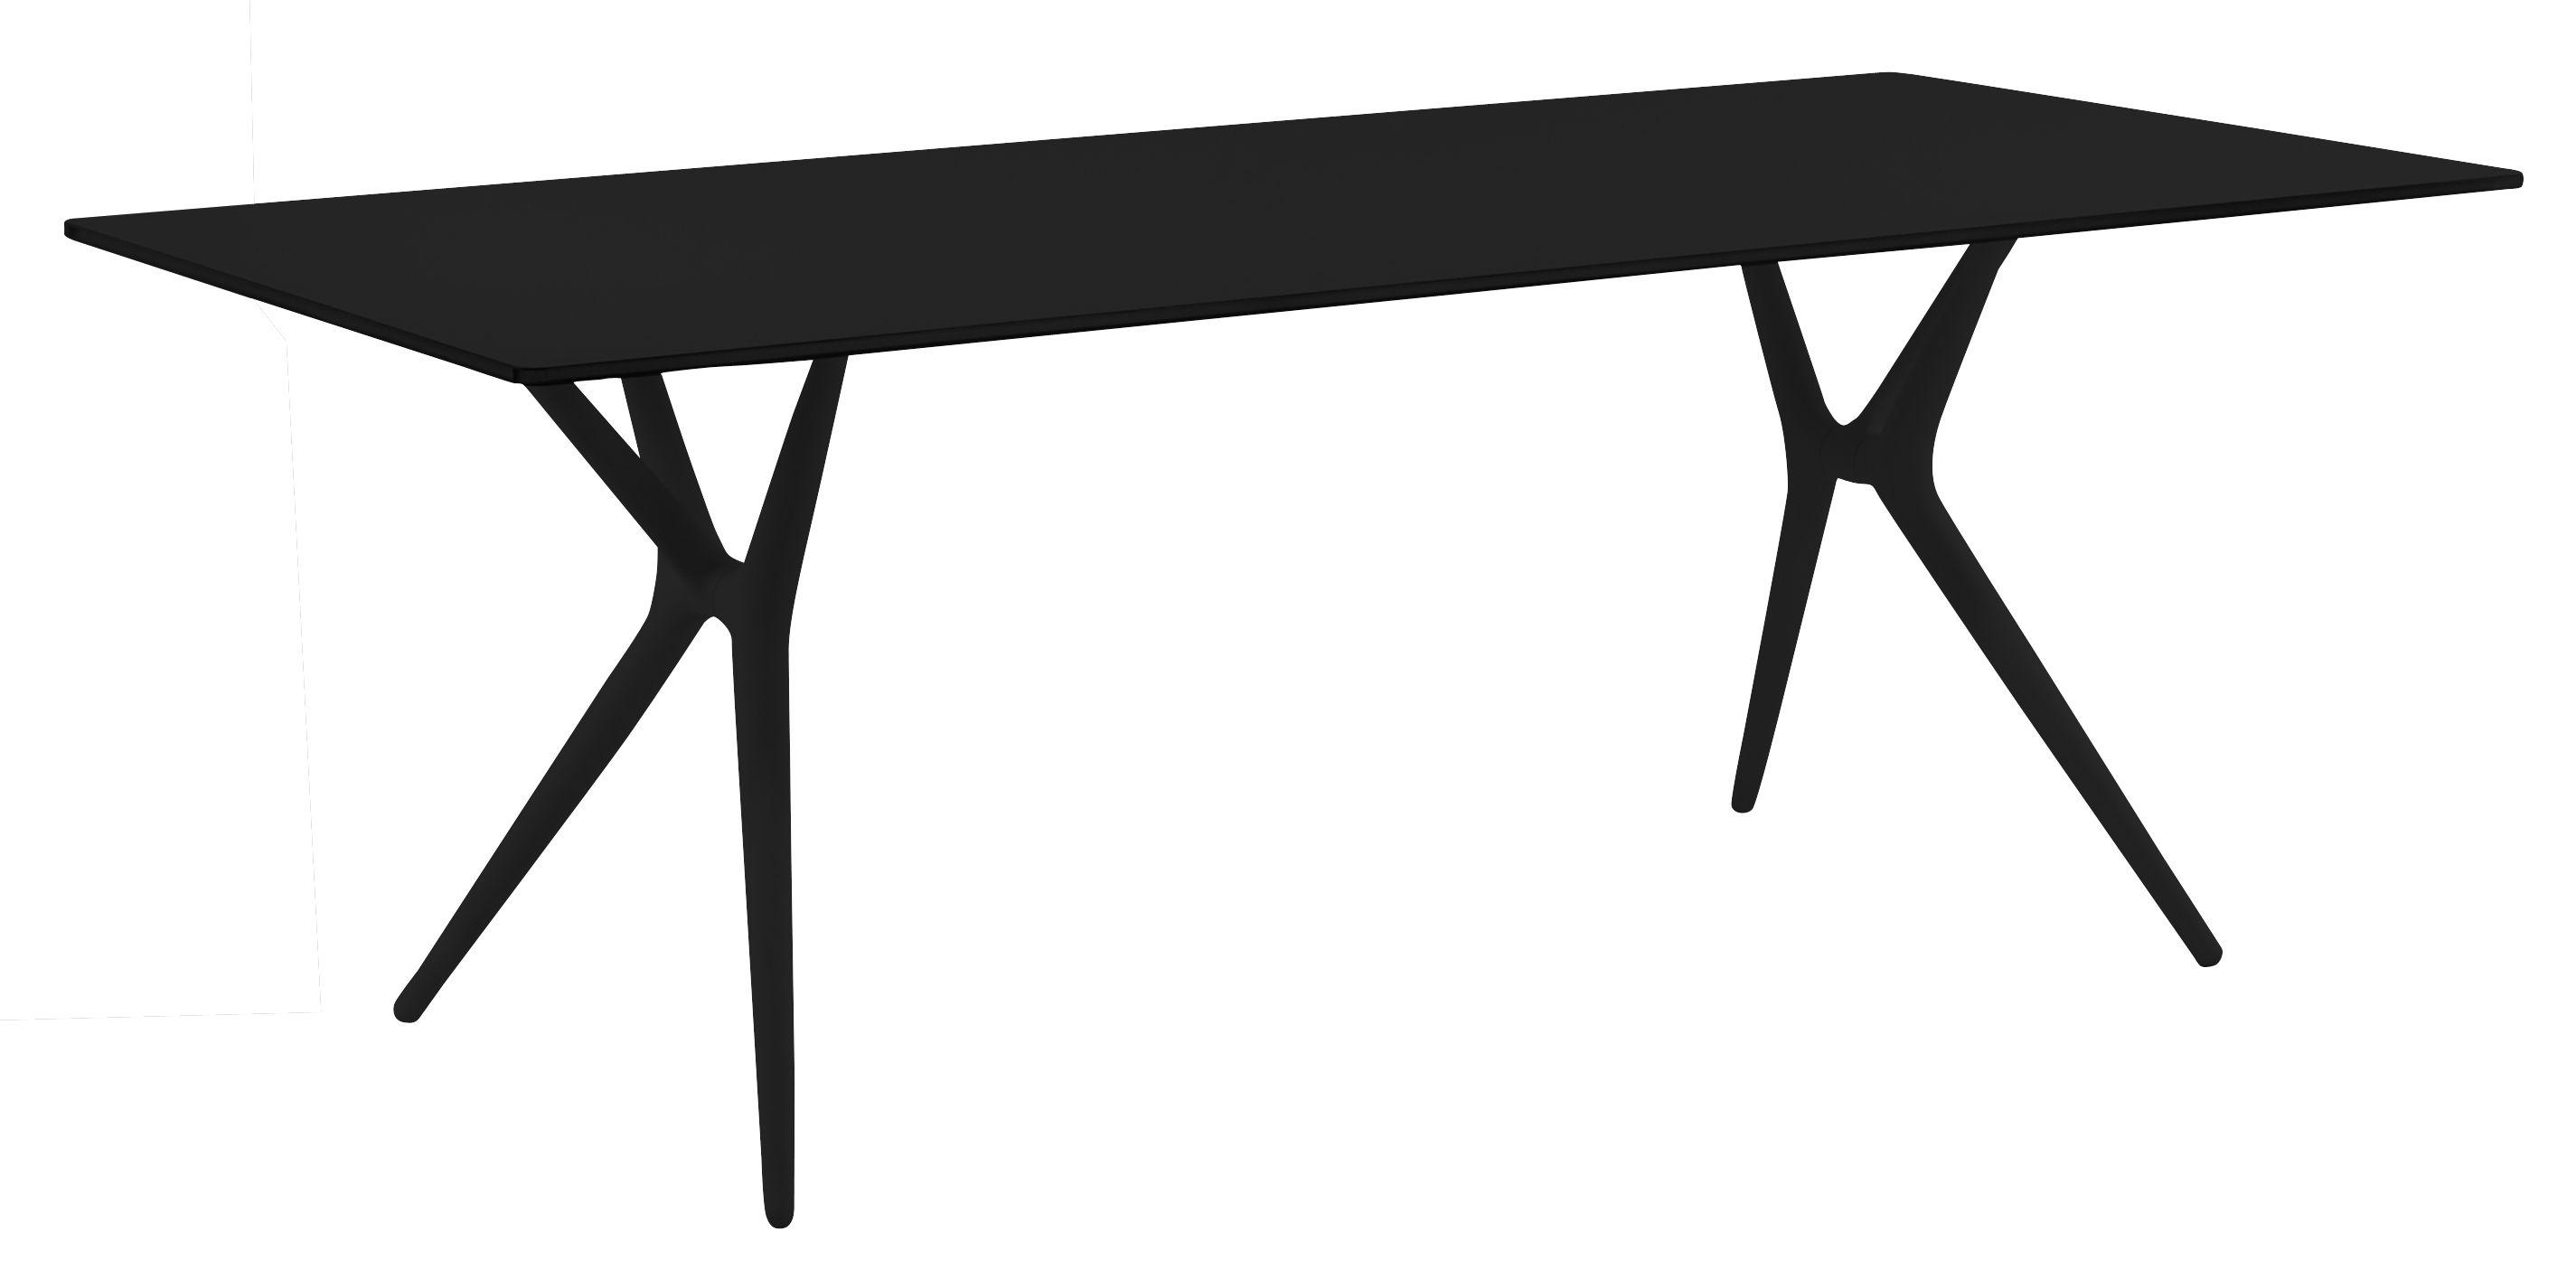 table pliante spoon bureau 140 x 70 cm plateau noir pieds noirs kartell. Black Bedroom Furniture Sets. Home Design Ideas